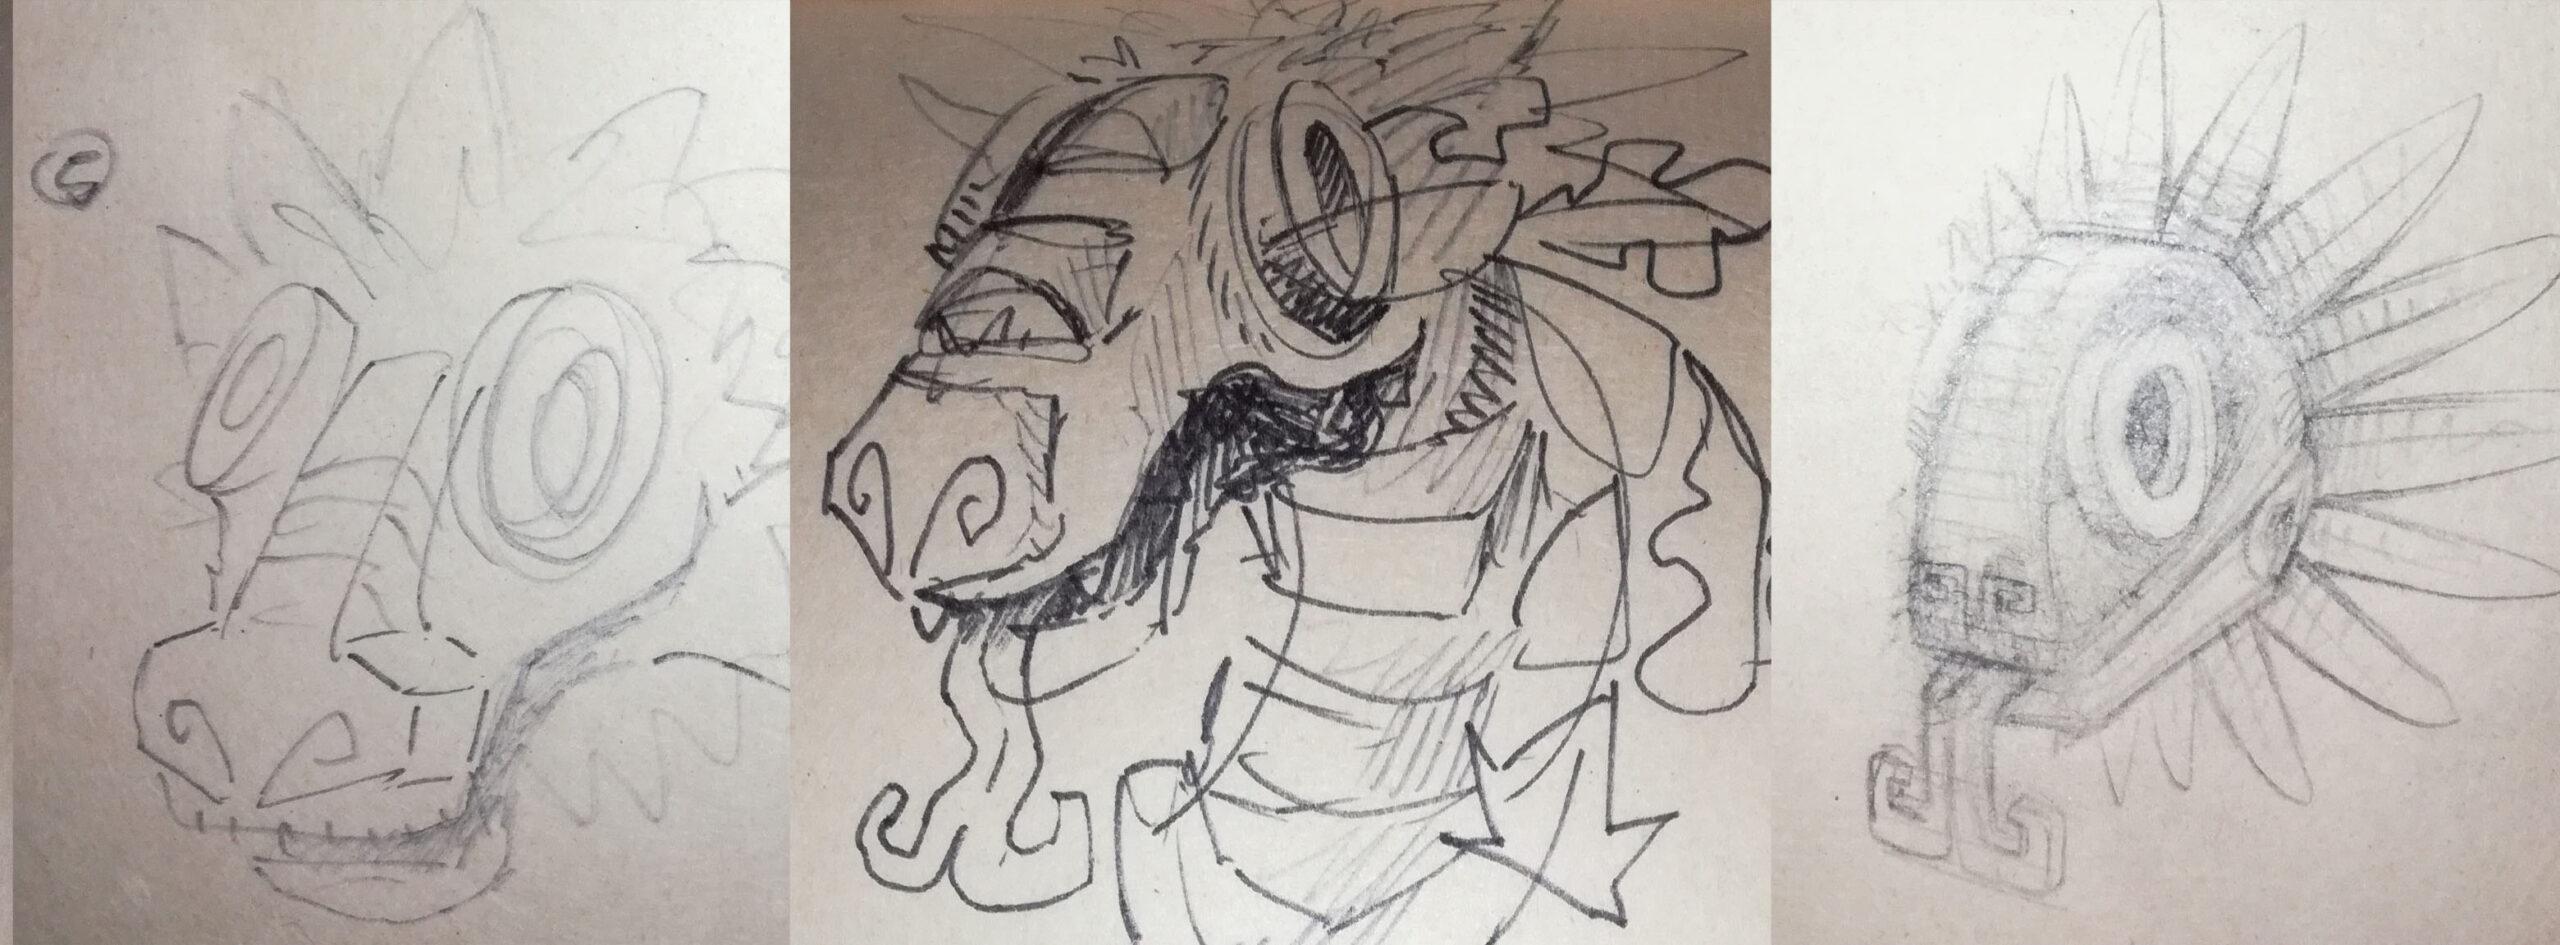 sketches - croquis esquisses - jeu de société - game - illustration - azteque-maya - chocolat - infographie - graphiste lyon - abys